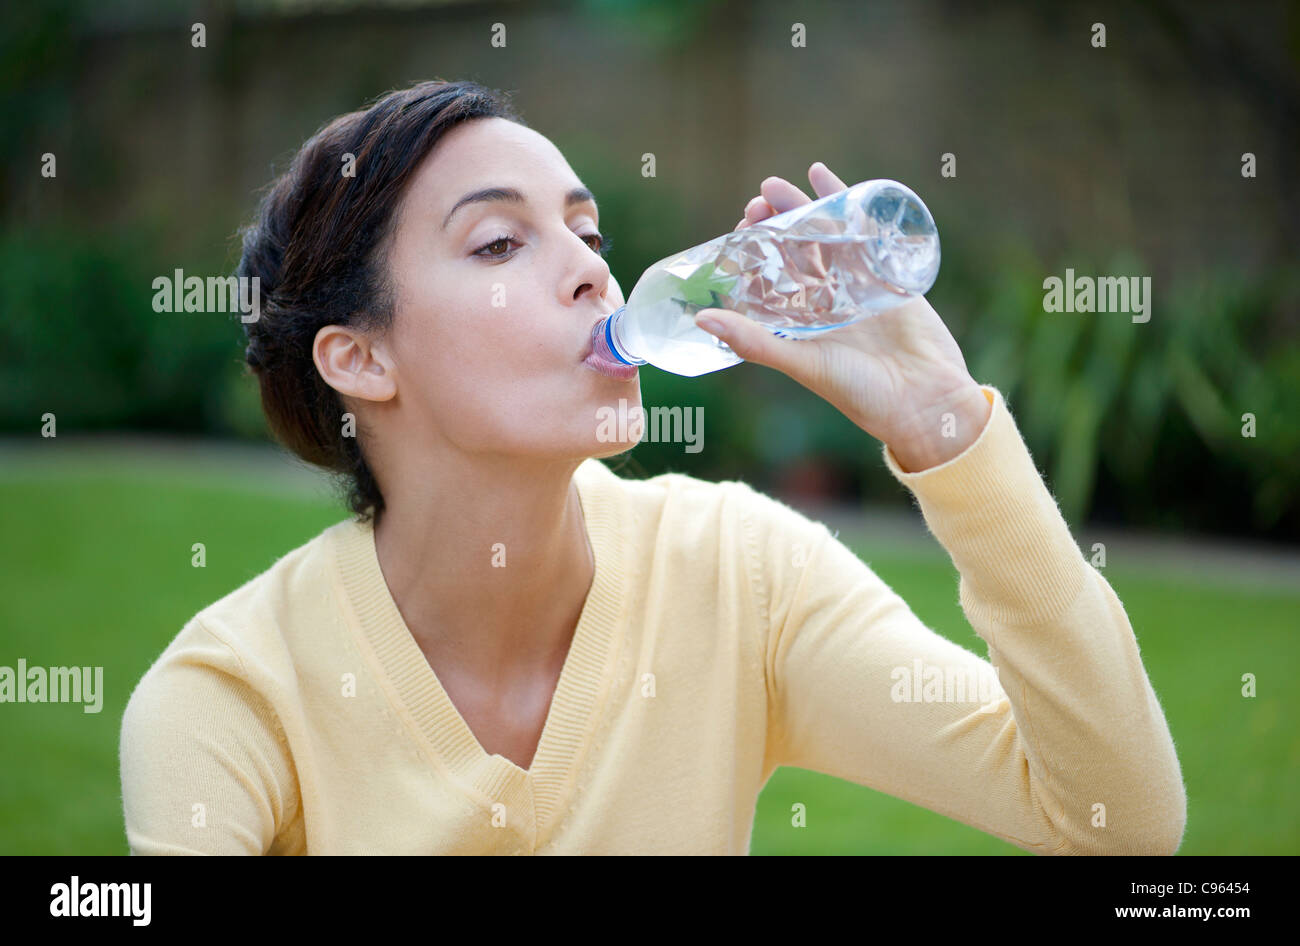 Femme buvant de l'eau en bouteille. Photo Stock